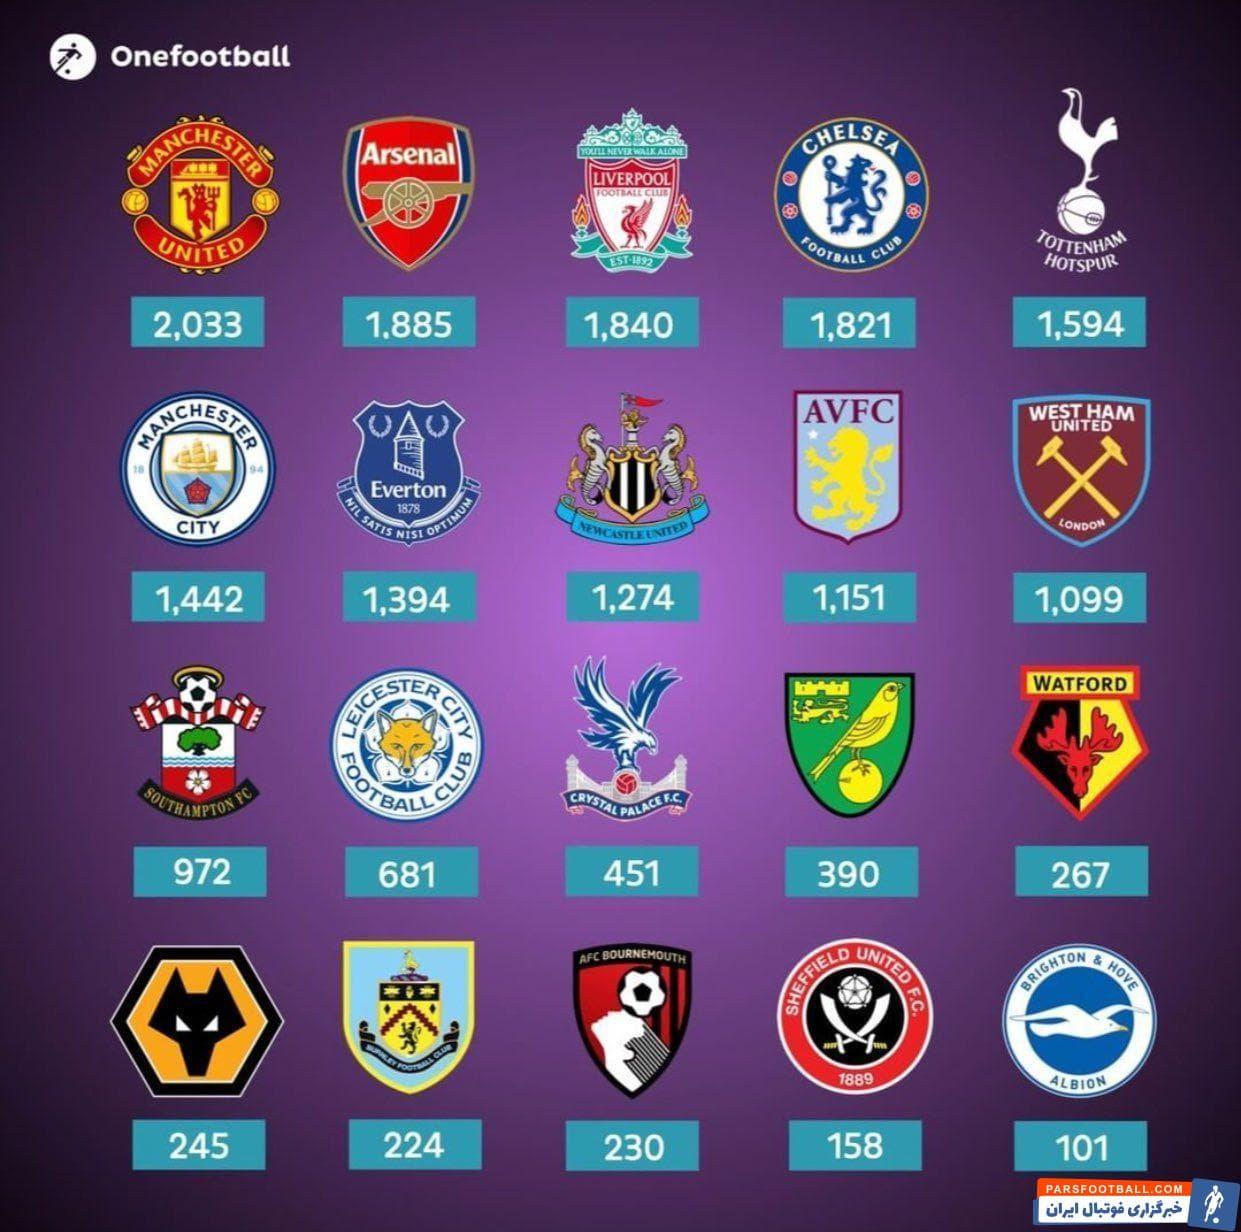 نگاهی به لیست گلزن ترین باشگاه های لیگ برتر انگلیس